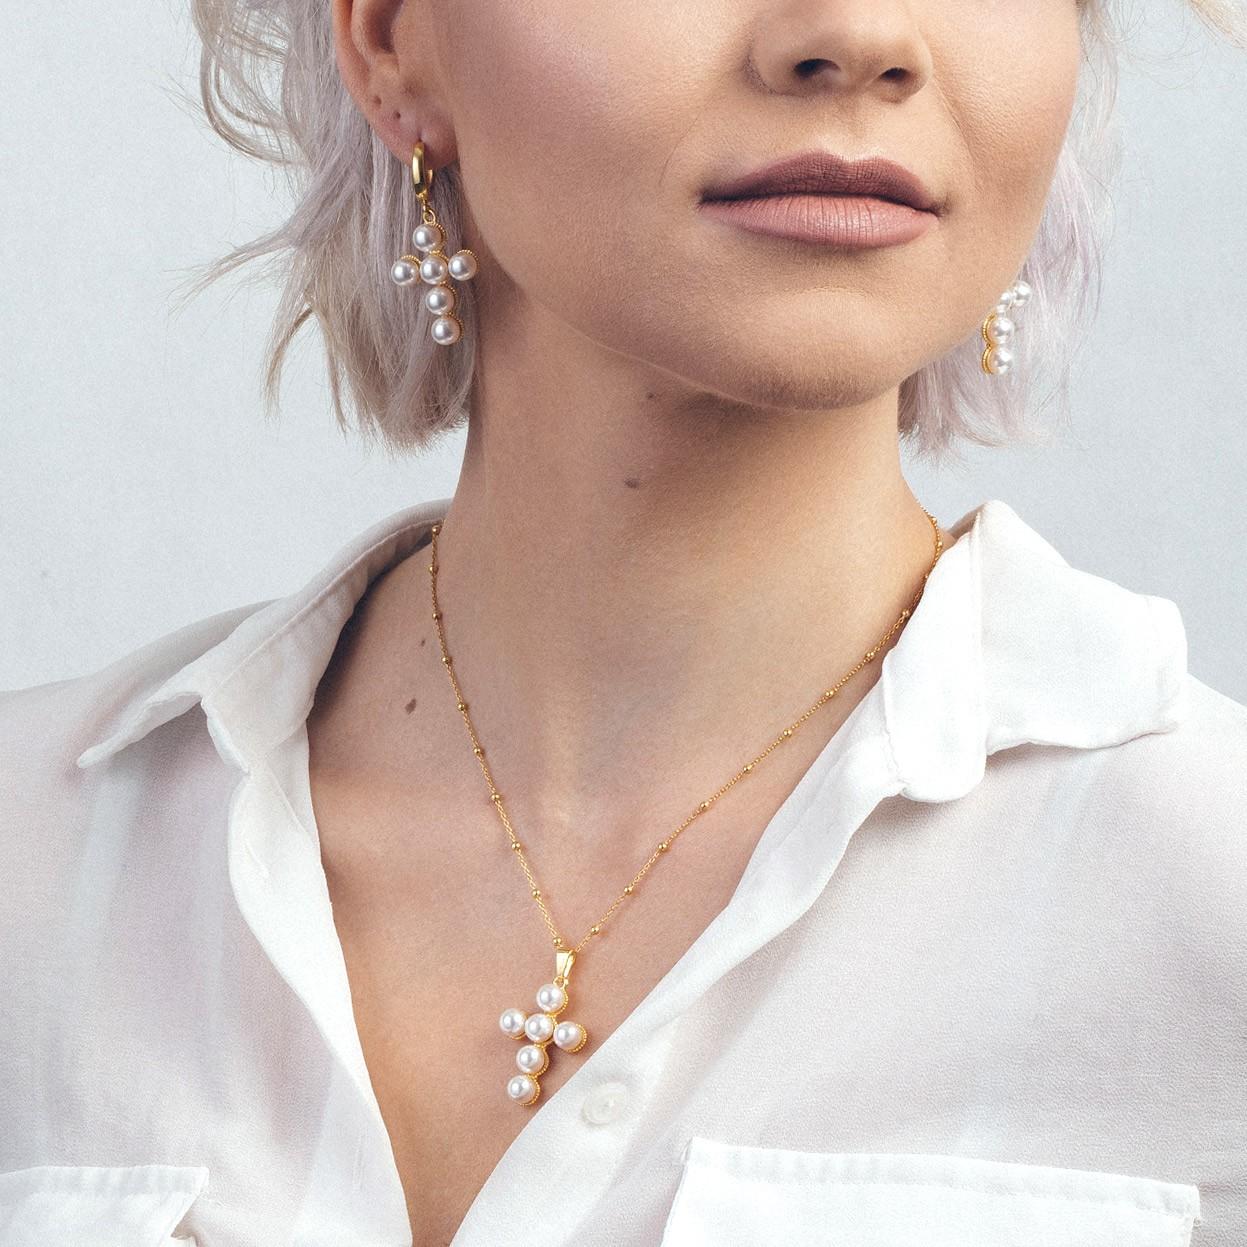 Halskette uberqueren mit swarovski silber